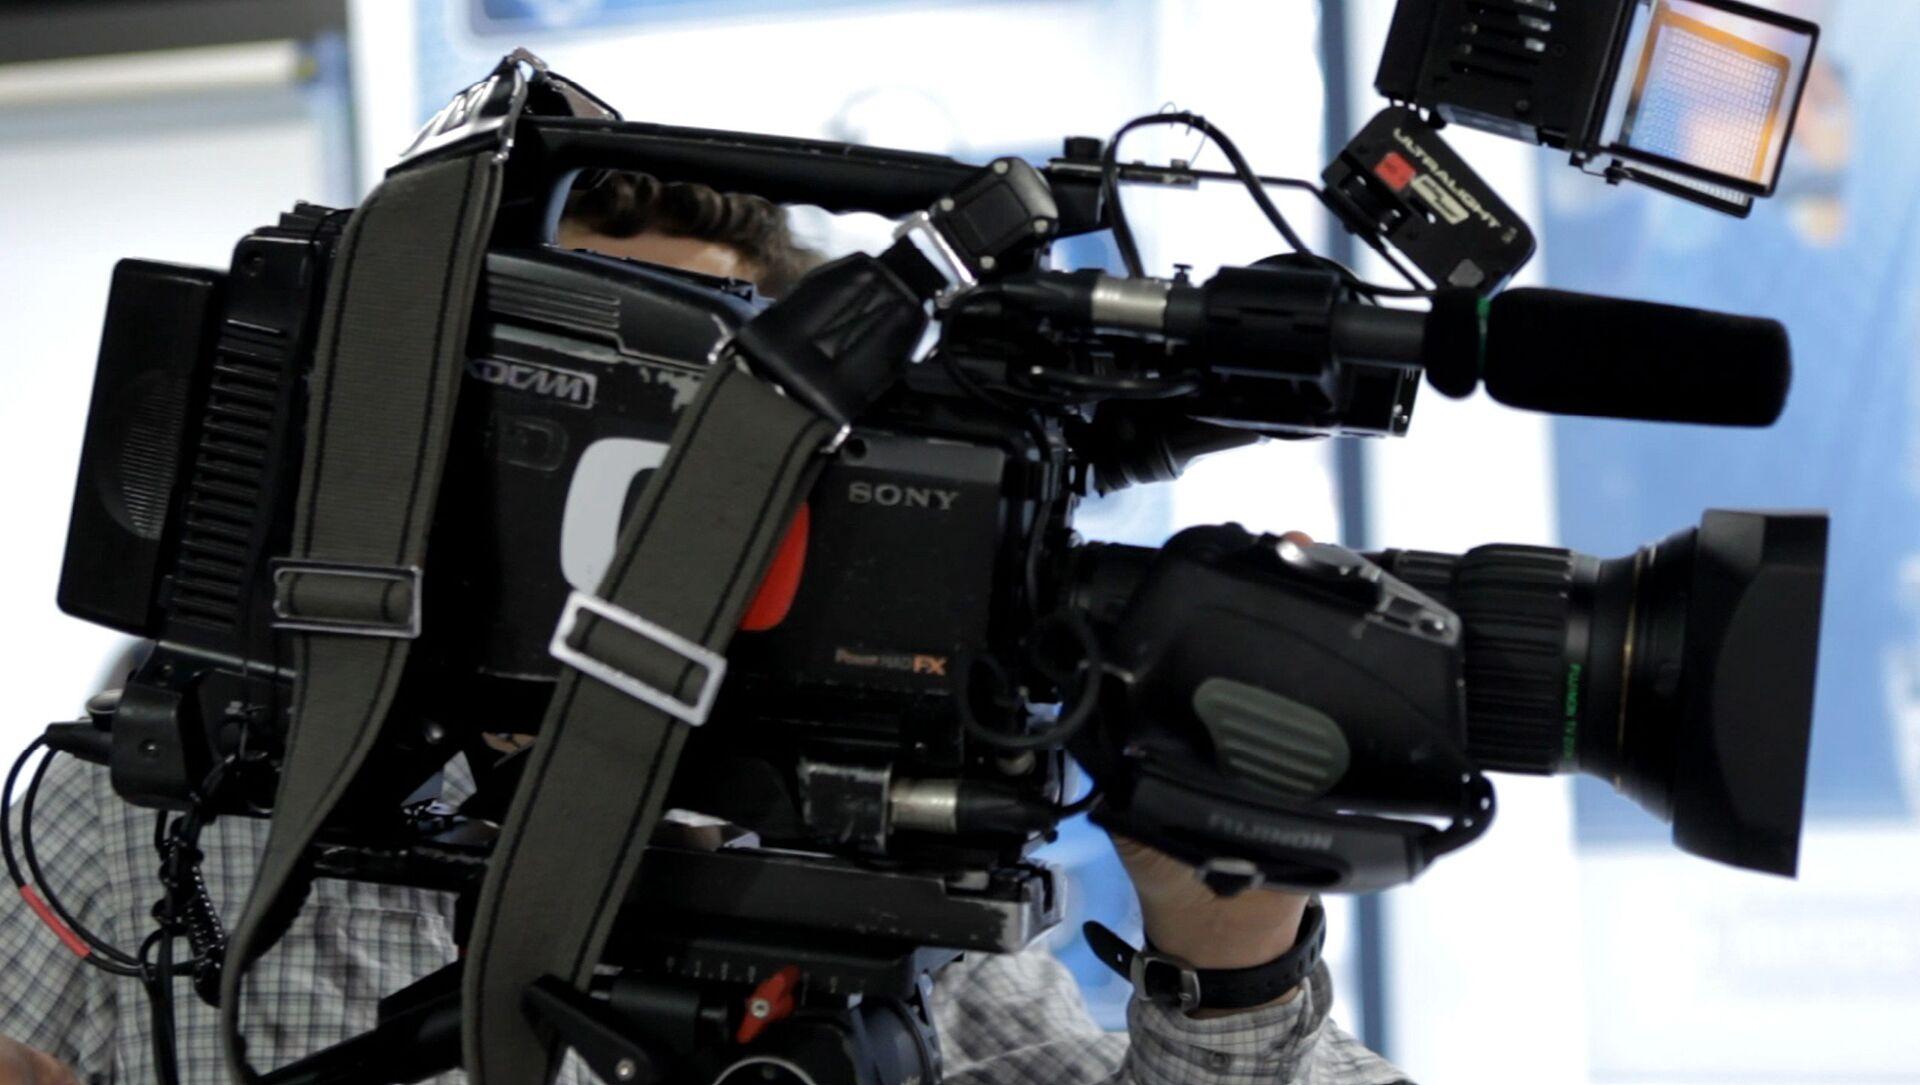 Kameraman české veřejné televizní společnosti Česká televize s kamerou - Sputnik Česká republika, 1920, 26.03.2021